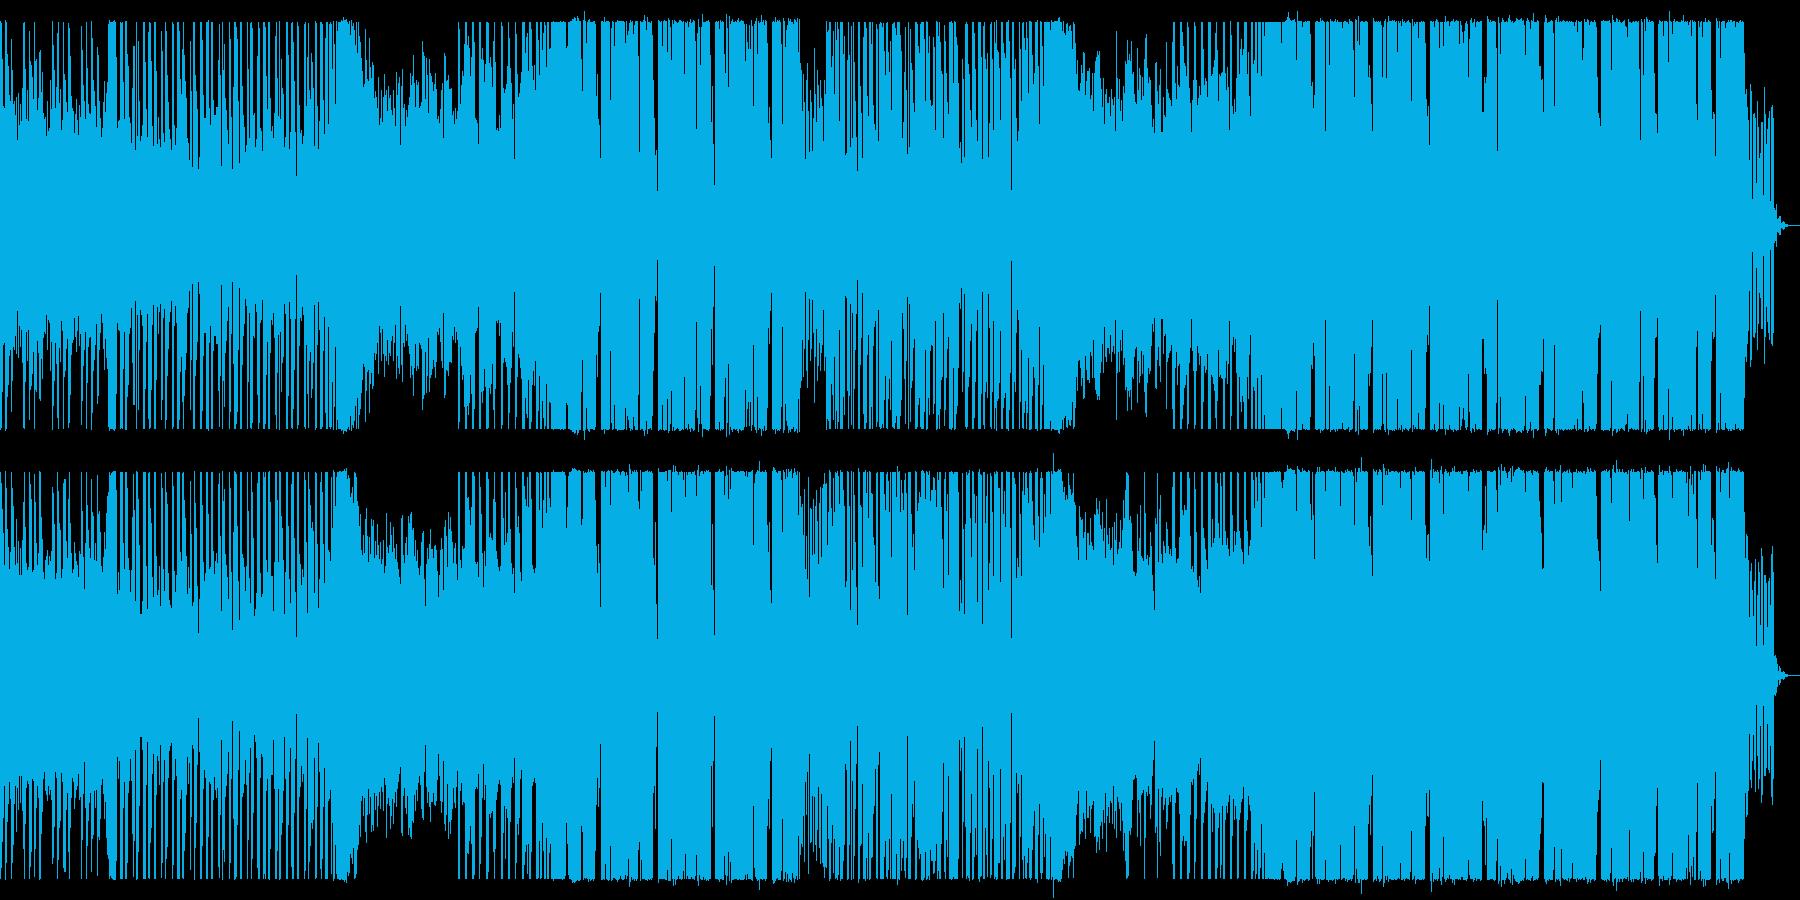 優しい雰囲気のポップスの再生済みの波形